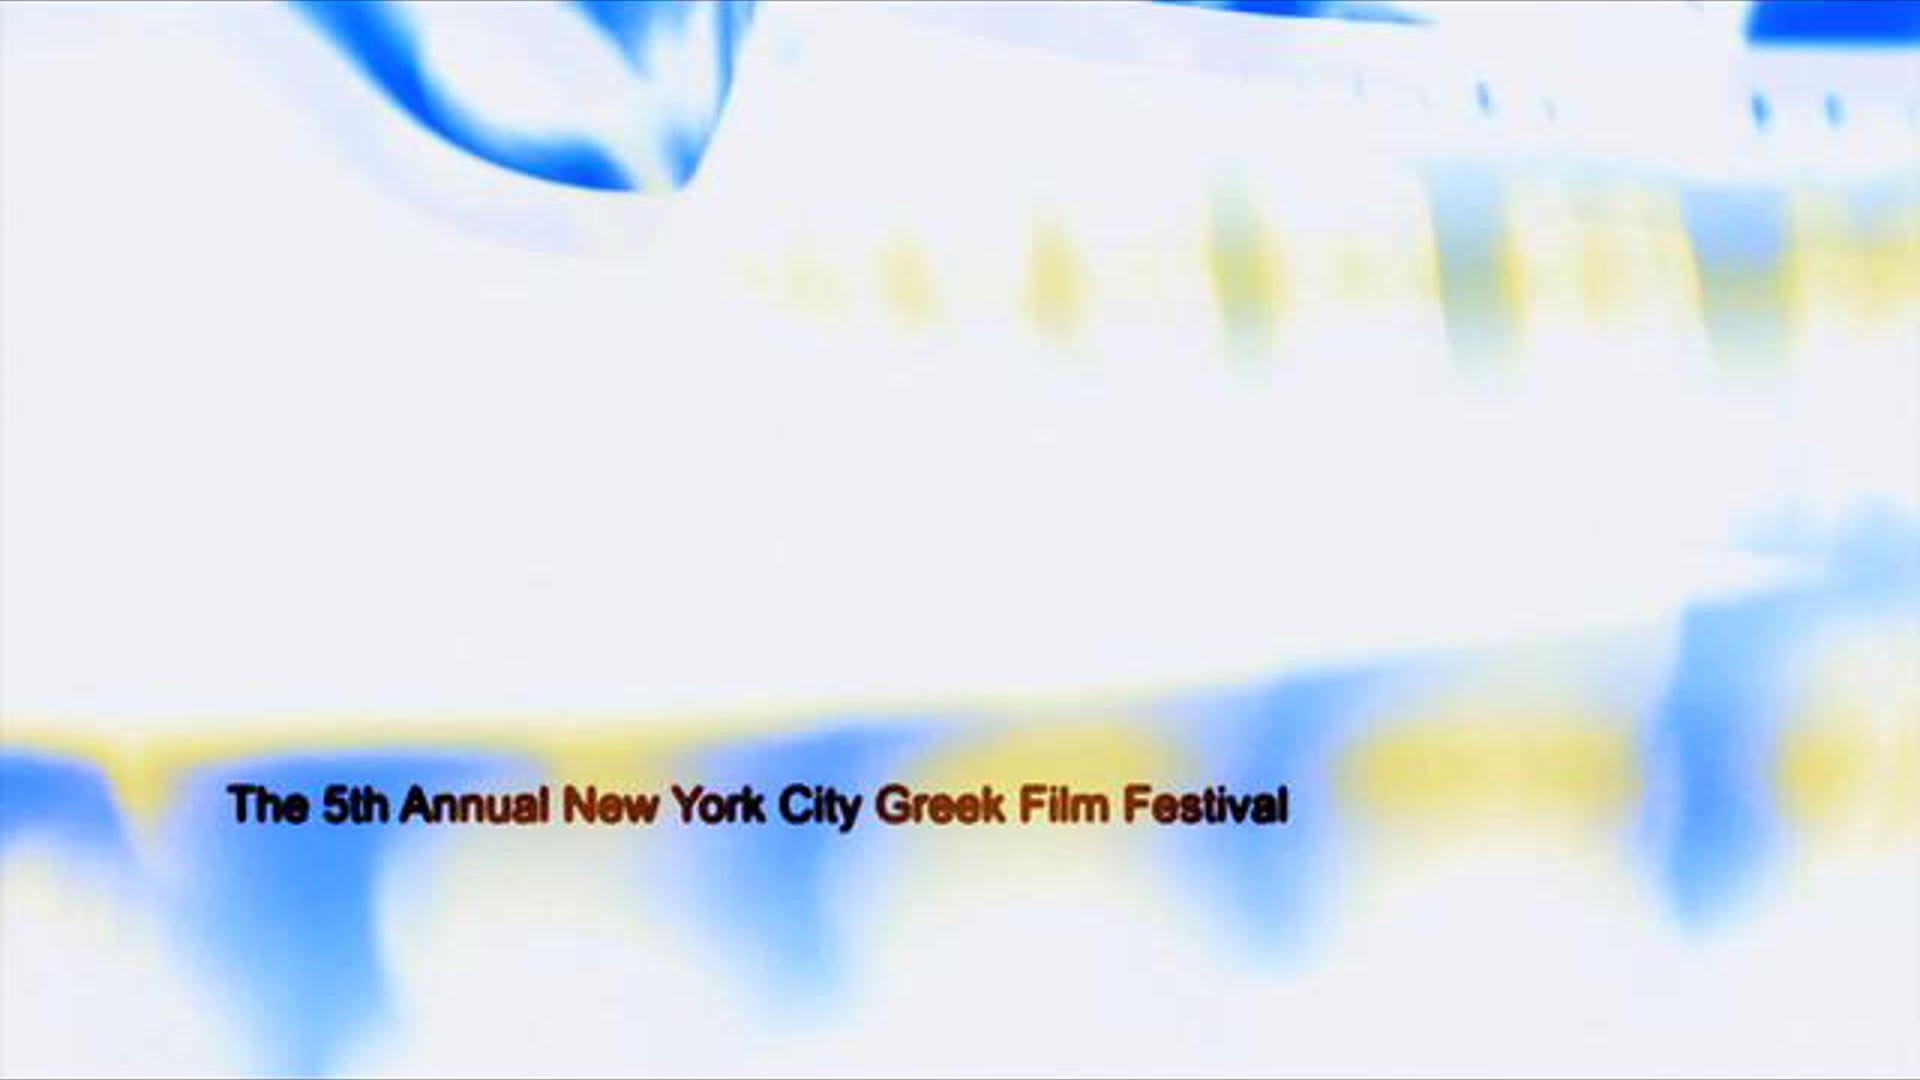 NYC Greek Film Festival 2011